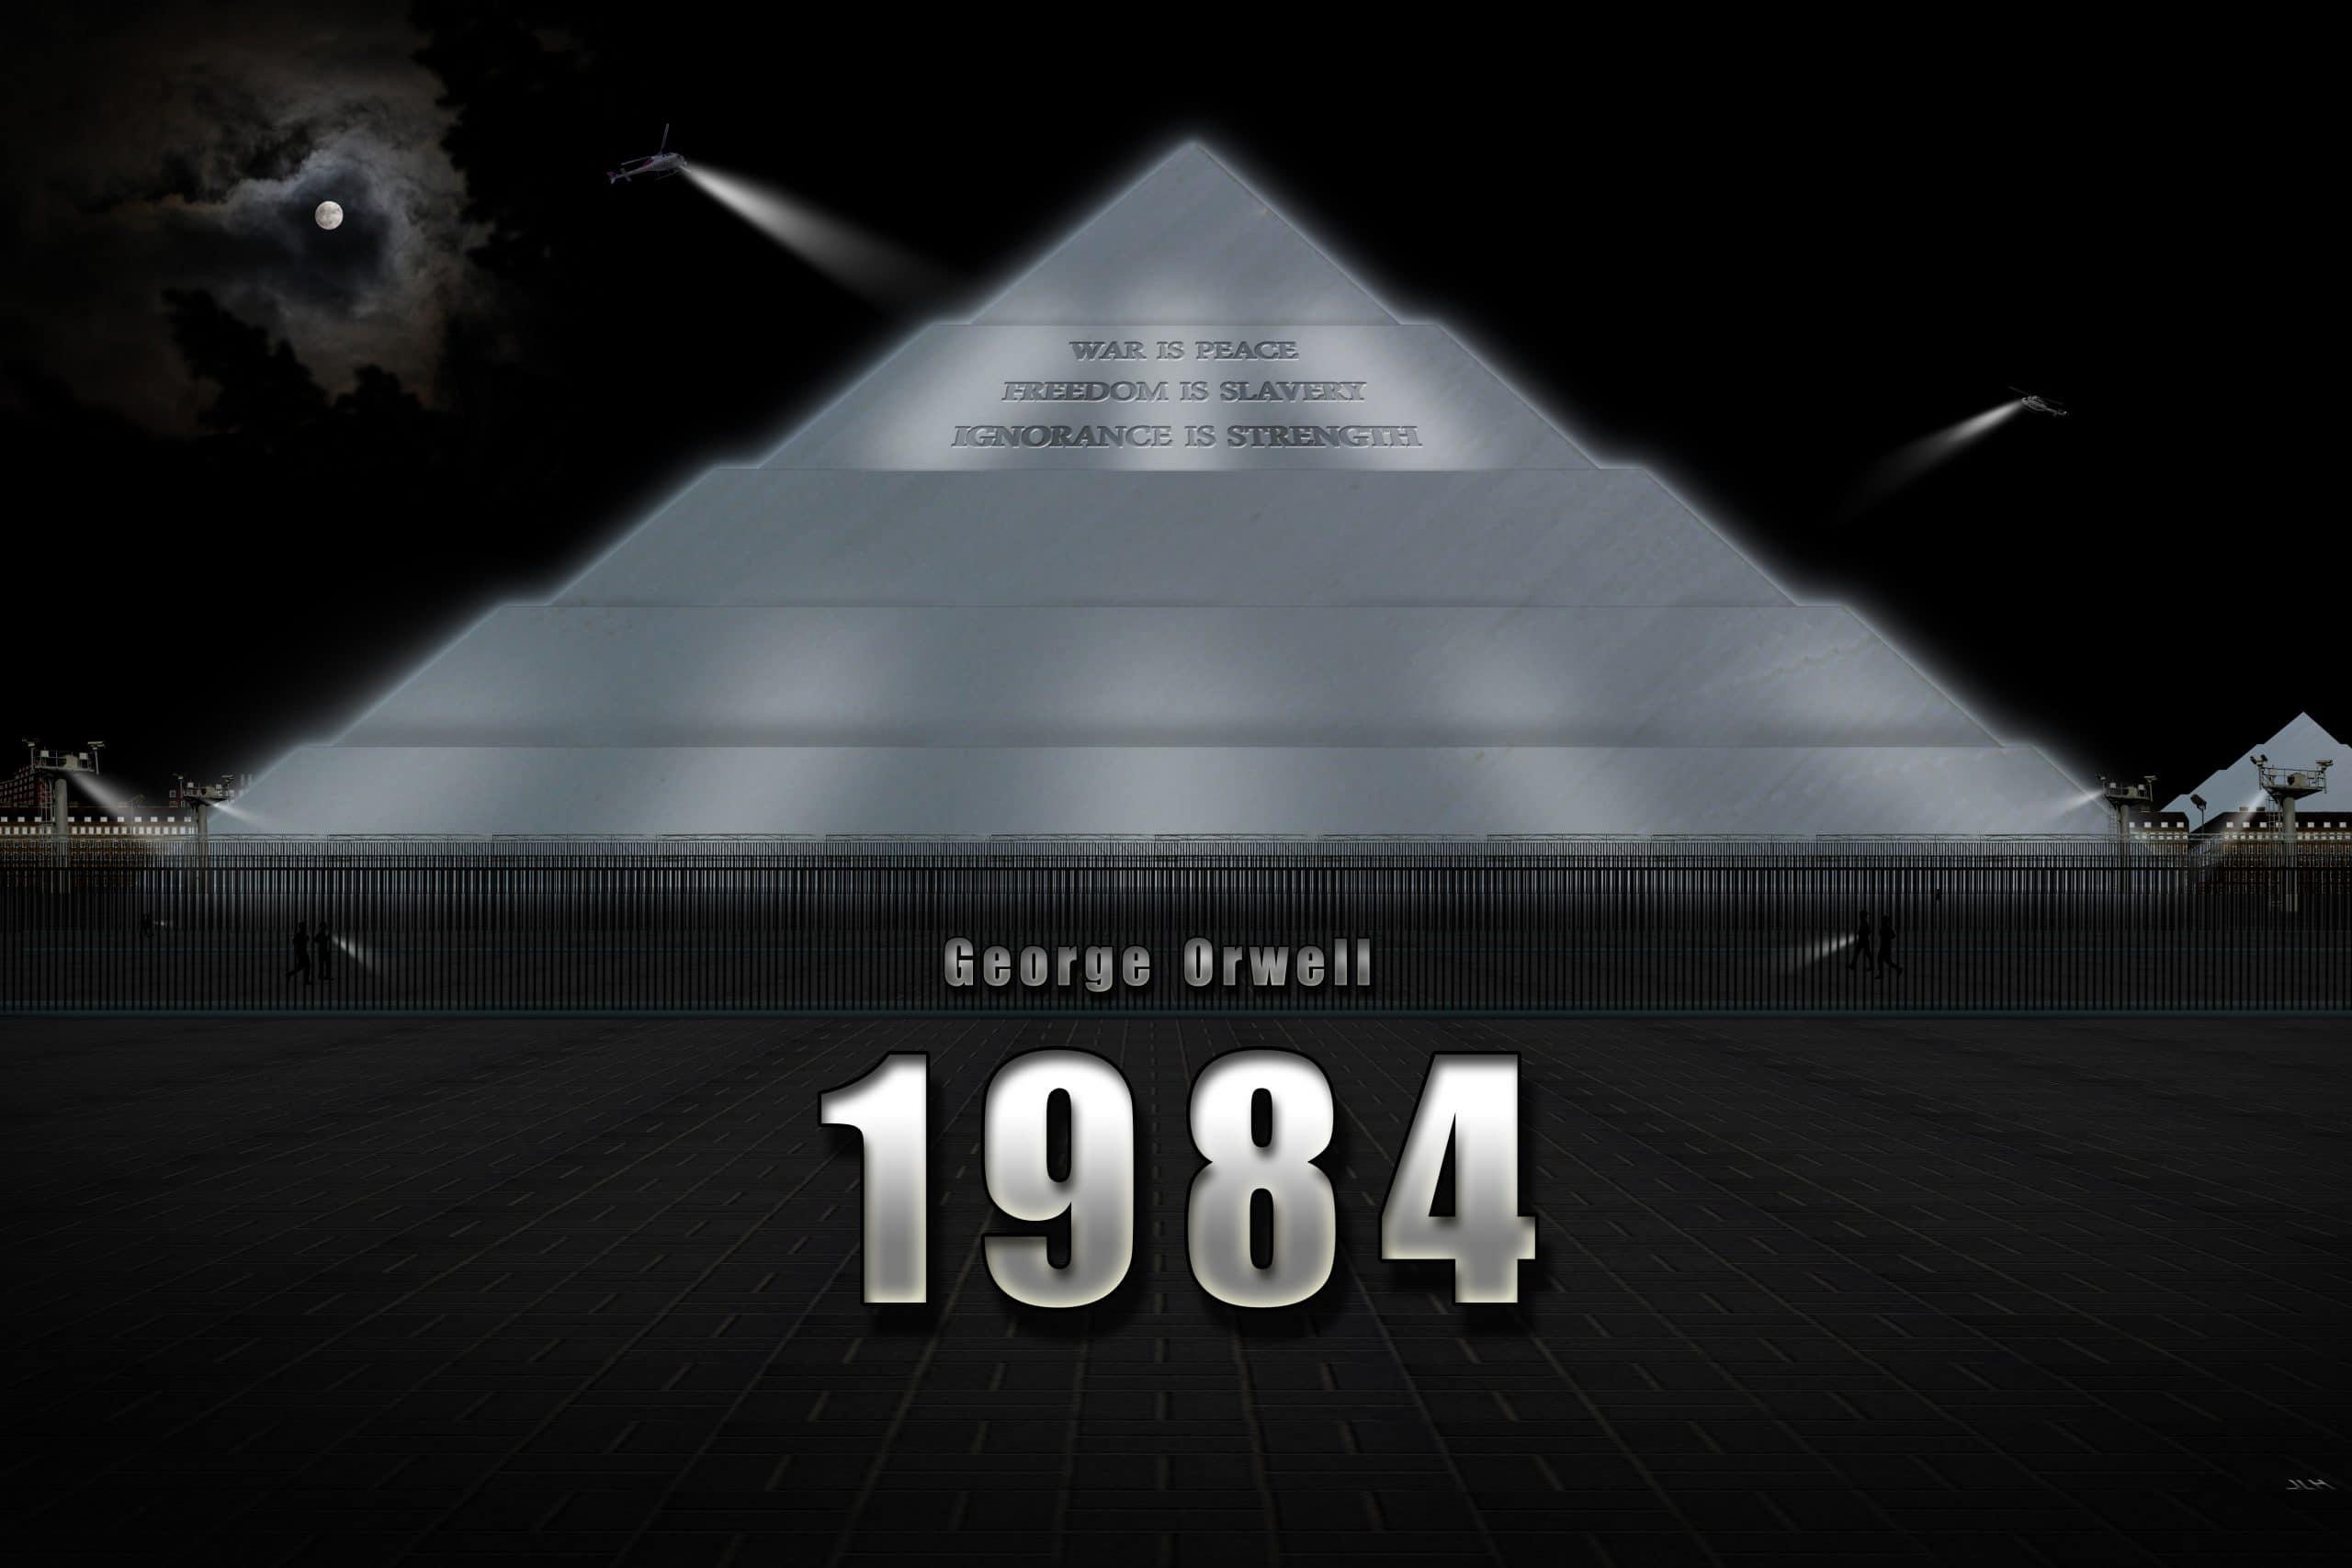 Bokrecension av 1984 av George Orwell och ett samhällsfokuserat blogginlägg om sanningen att om du kontrollerar orden kontrollerar du tanken.